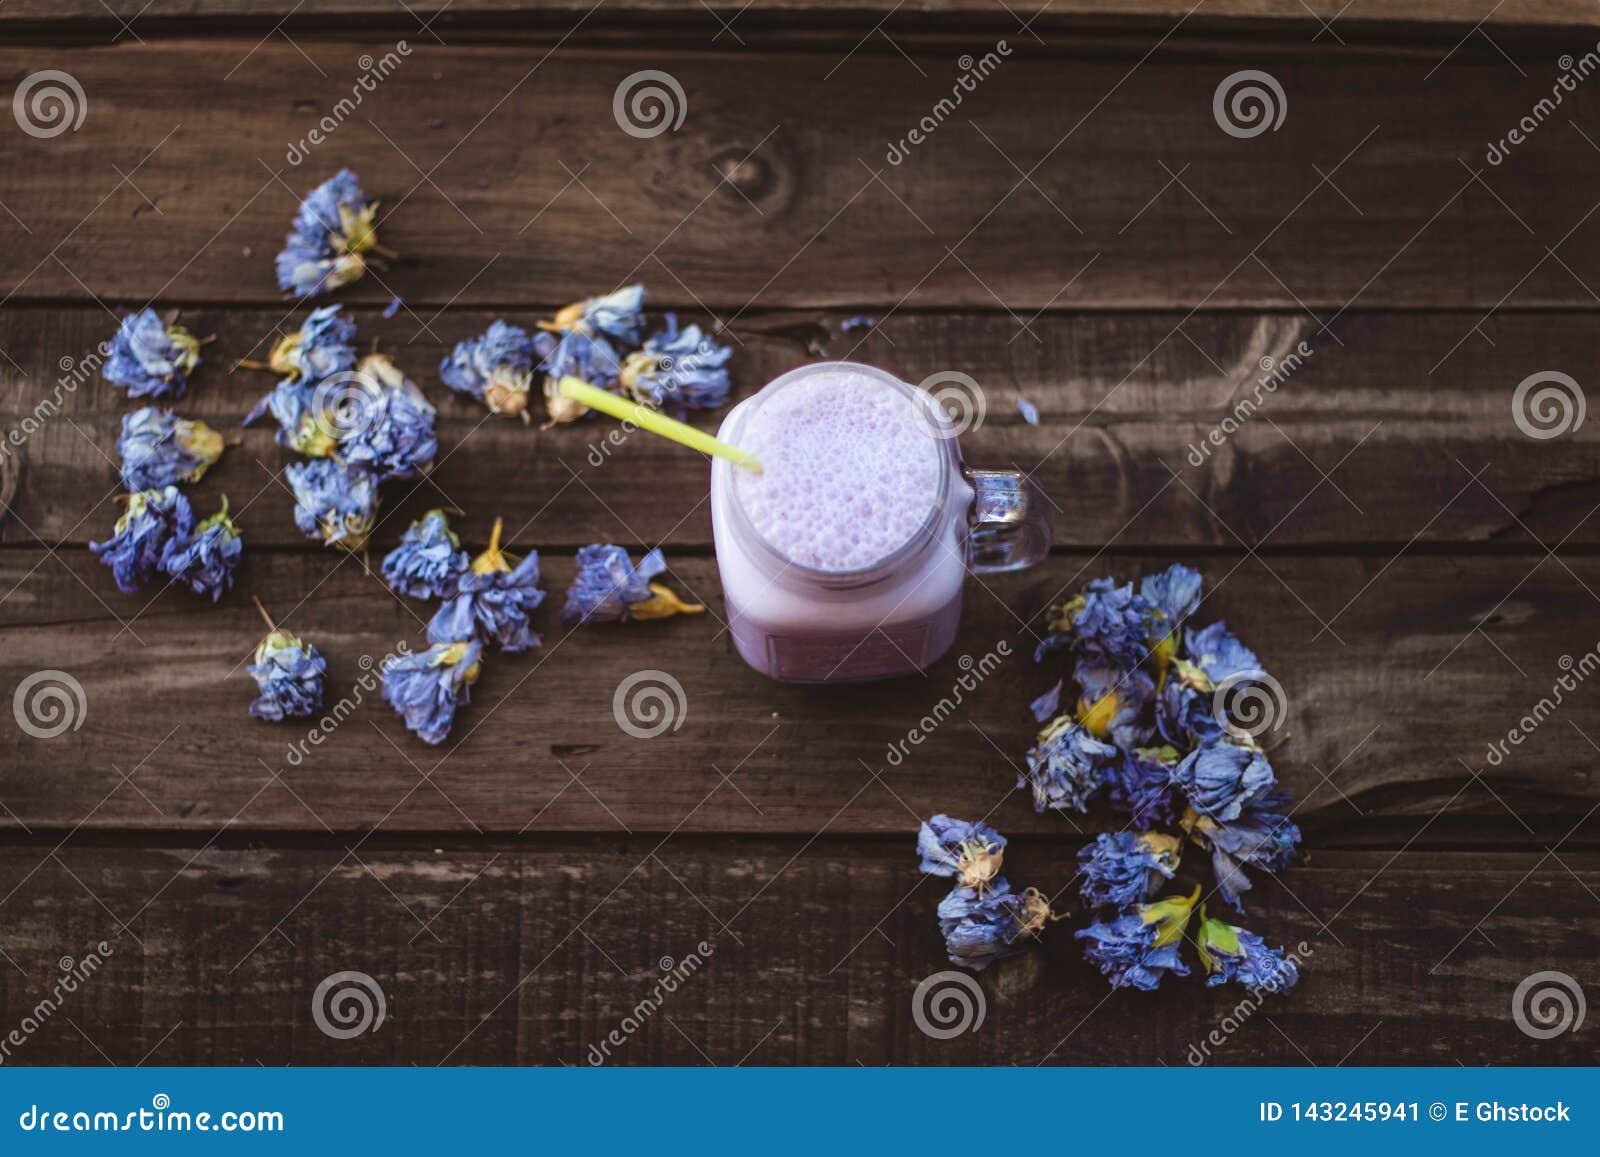 Aardbei en Amerikaanse veenbes smoothie met droge bloemen op een houten lijst